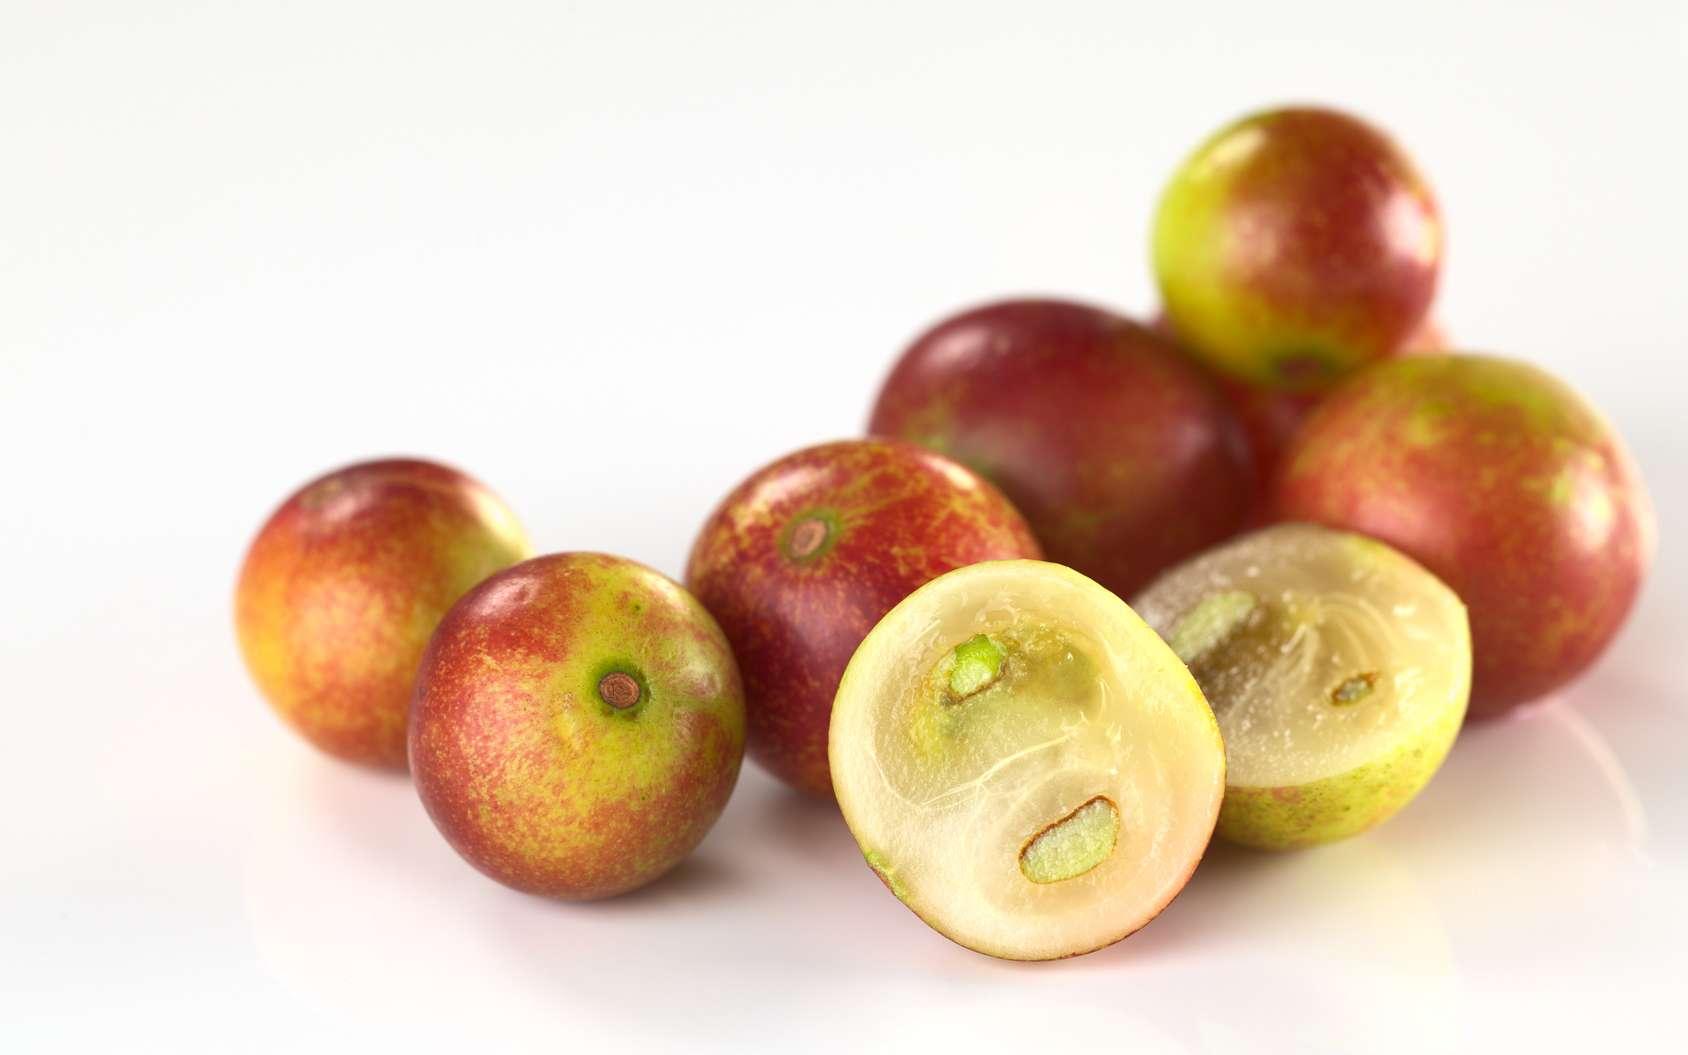 Les fruits du camu-camu sont très acides. © Iilia, Fotolia